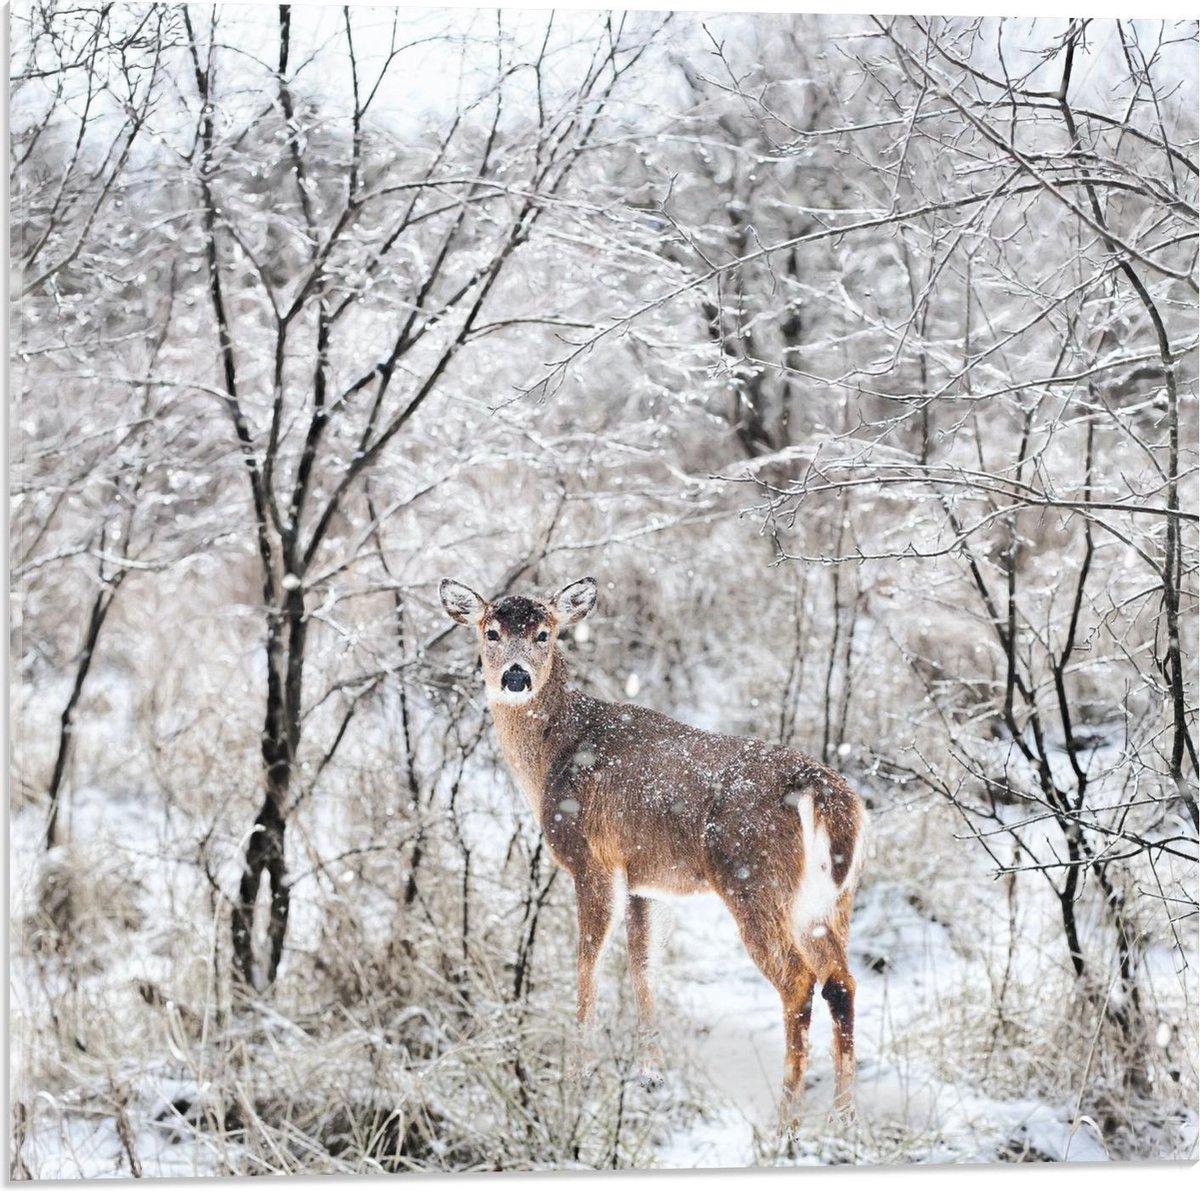 Plexiglas - Opkijkend Hert in de Sneeuw - 50x50cm Foto op Plexiglas (Met Ophangsysteem)